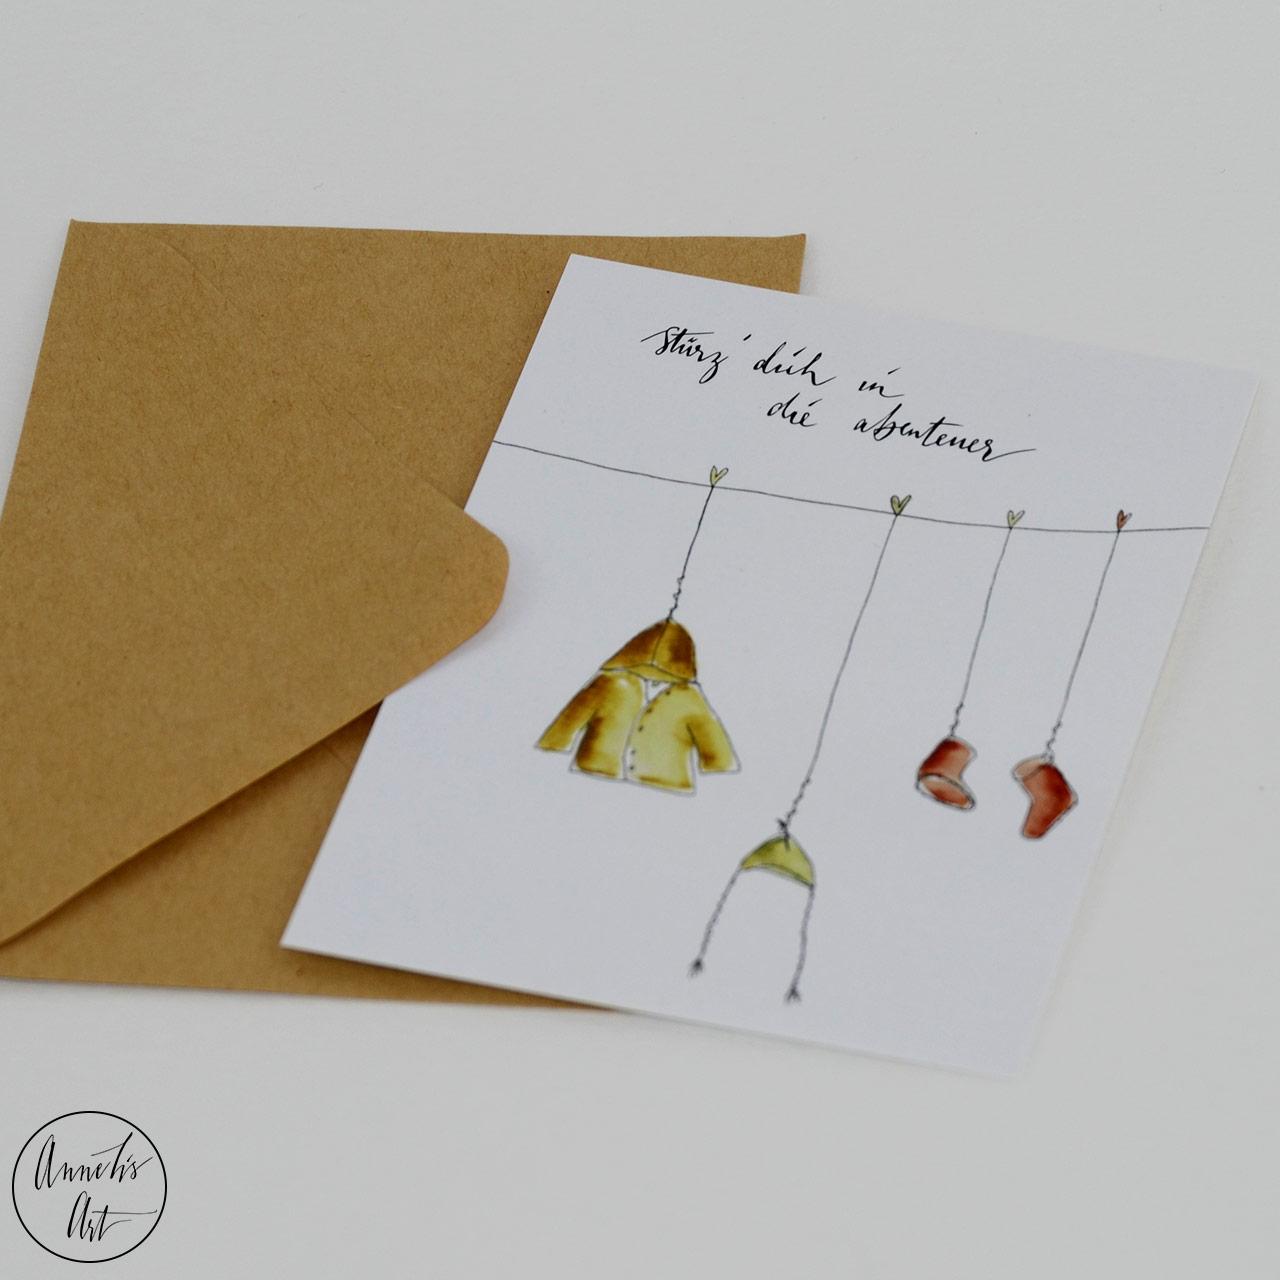 Postkarte zur Geburt   Grußkarte - Stürze dich in die Abenteuer